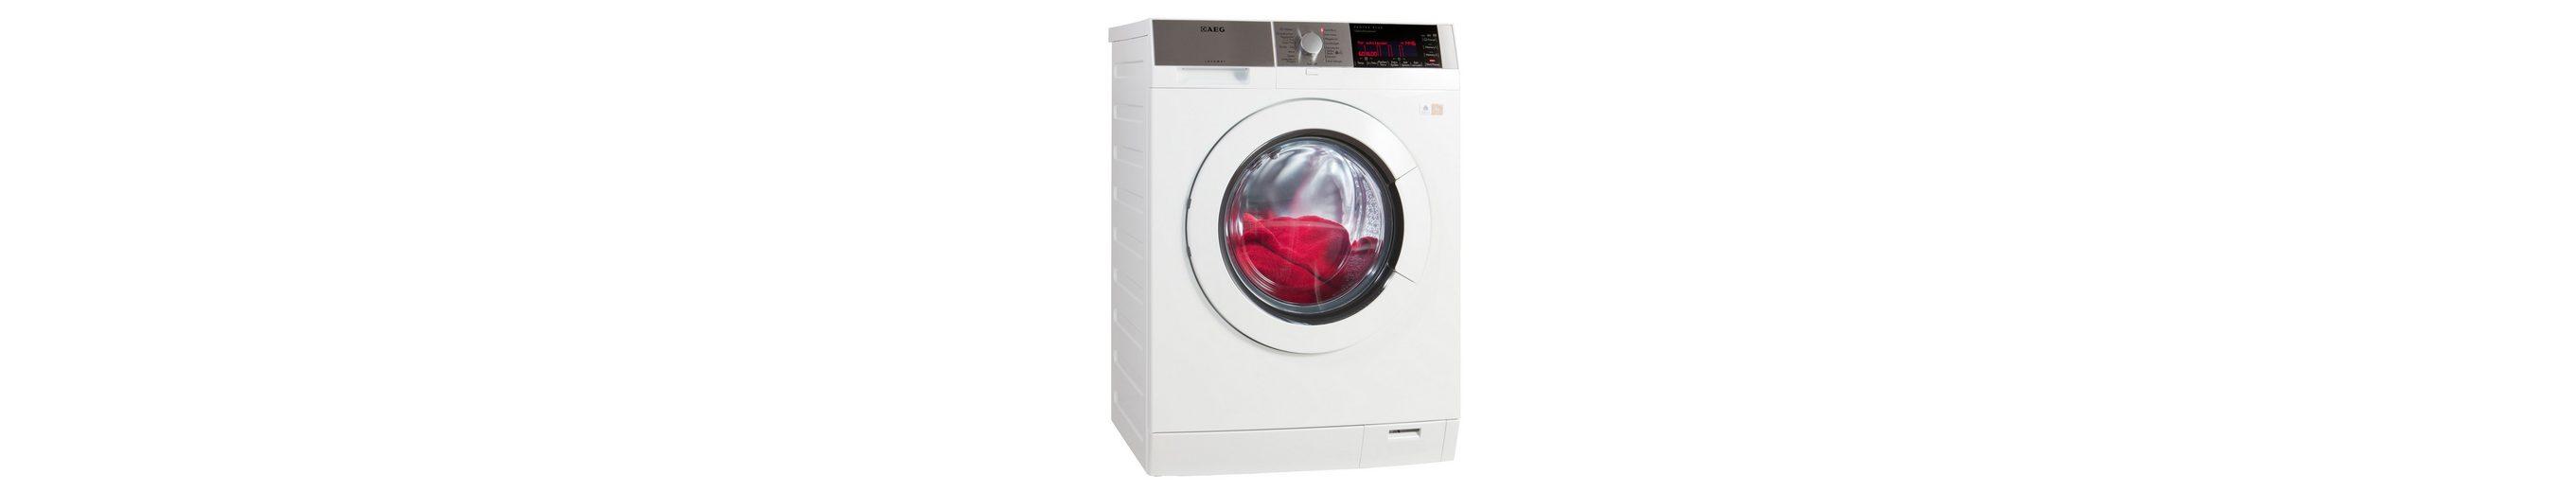 AEG Waschmaschine L98685FL, A+++, 8 kg, 1600 U/Min